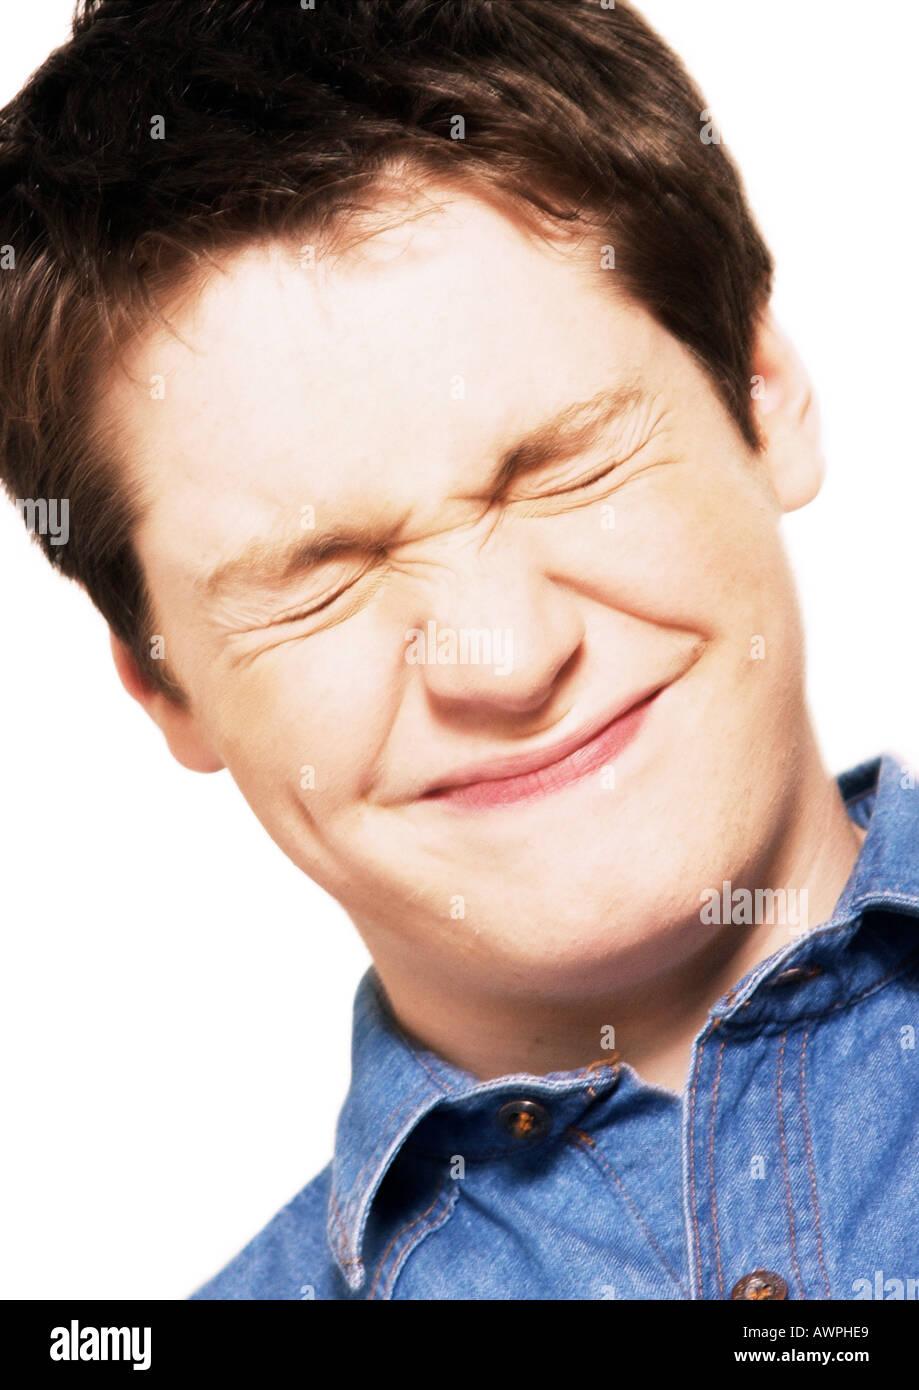 Teenage boy squinting eyes shut, close-up, portrait - Stock Image